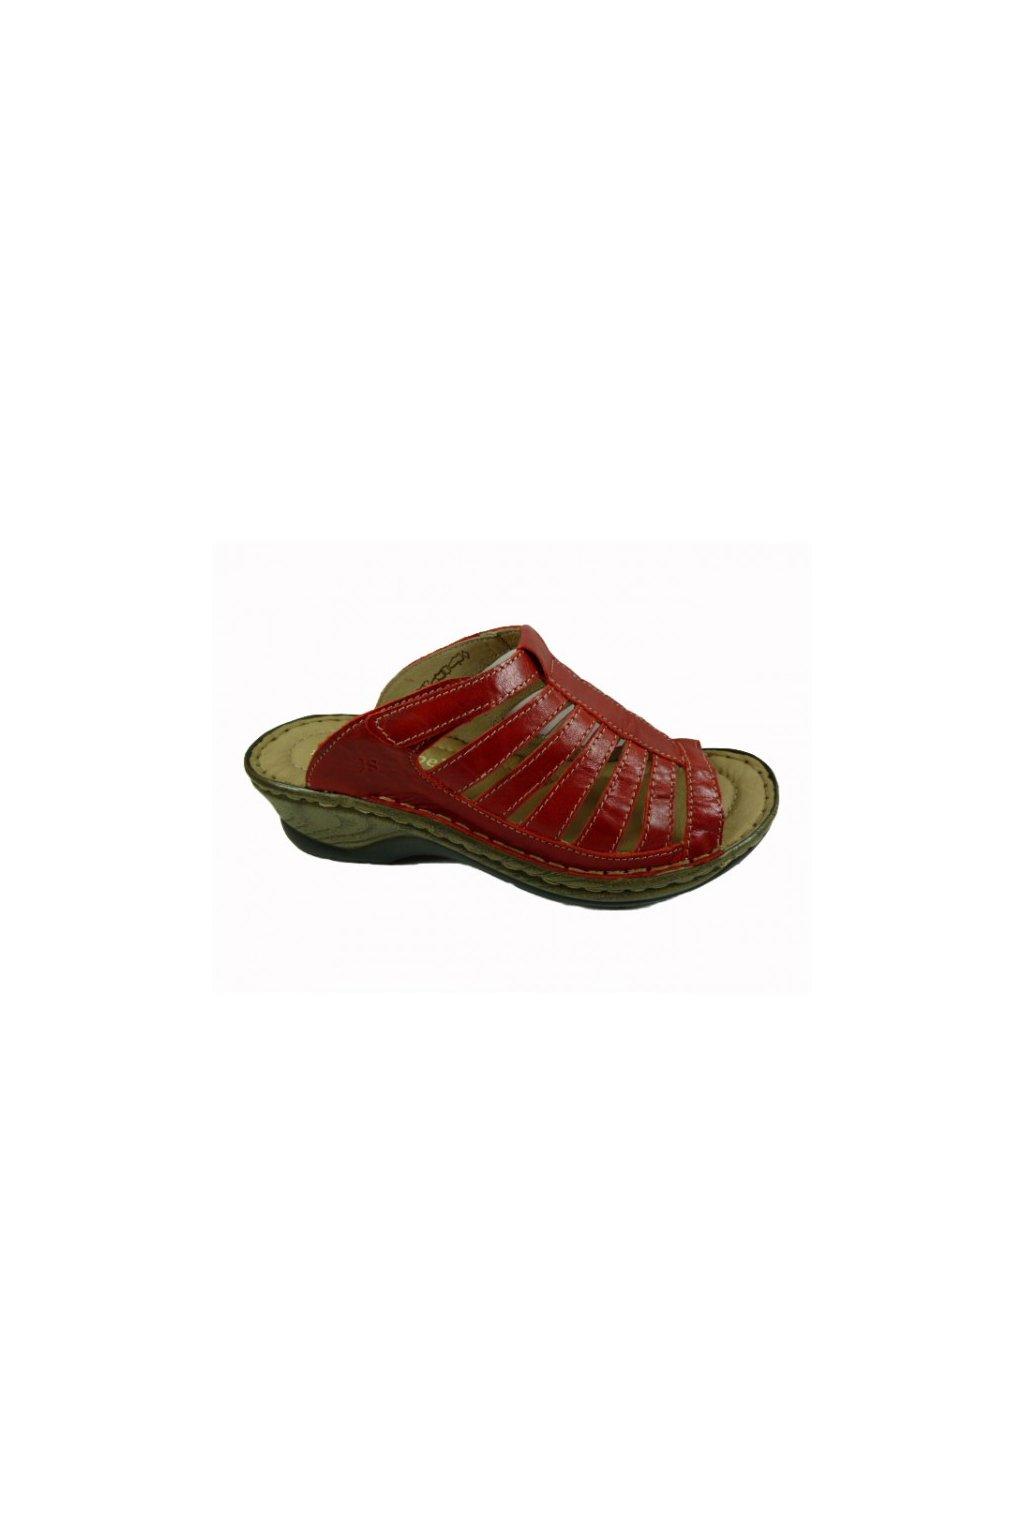 Dámská podměrná obuv J.Seibel 56436